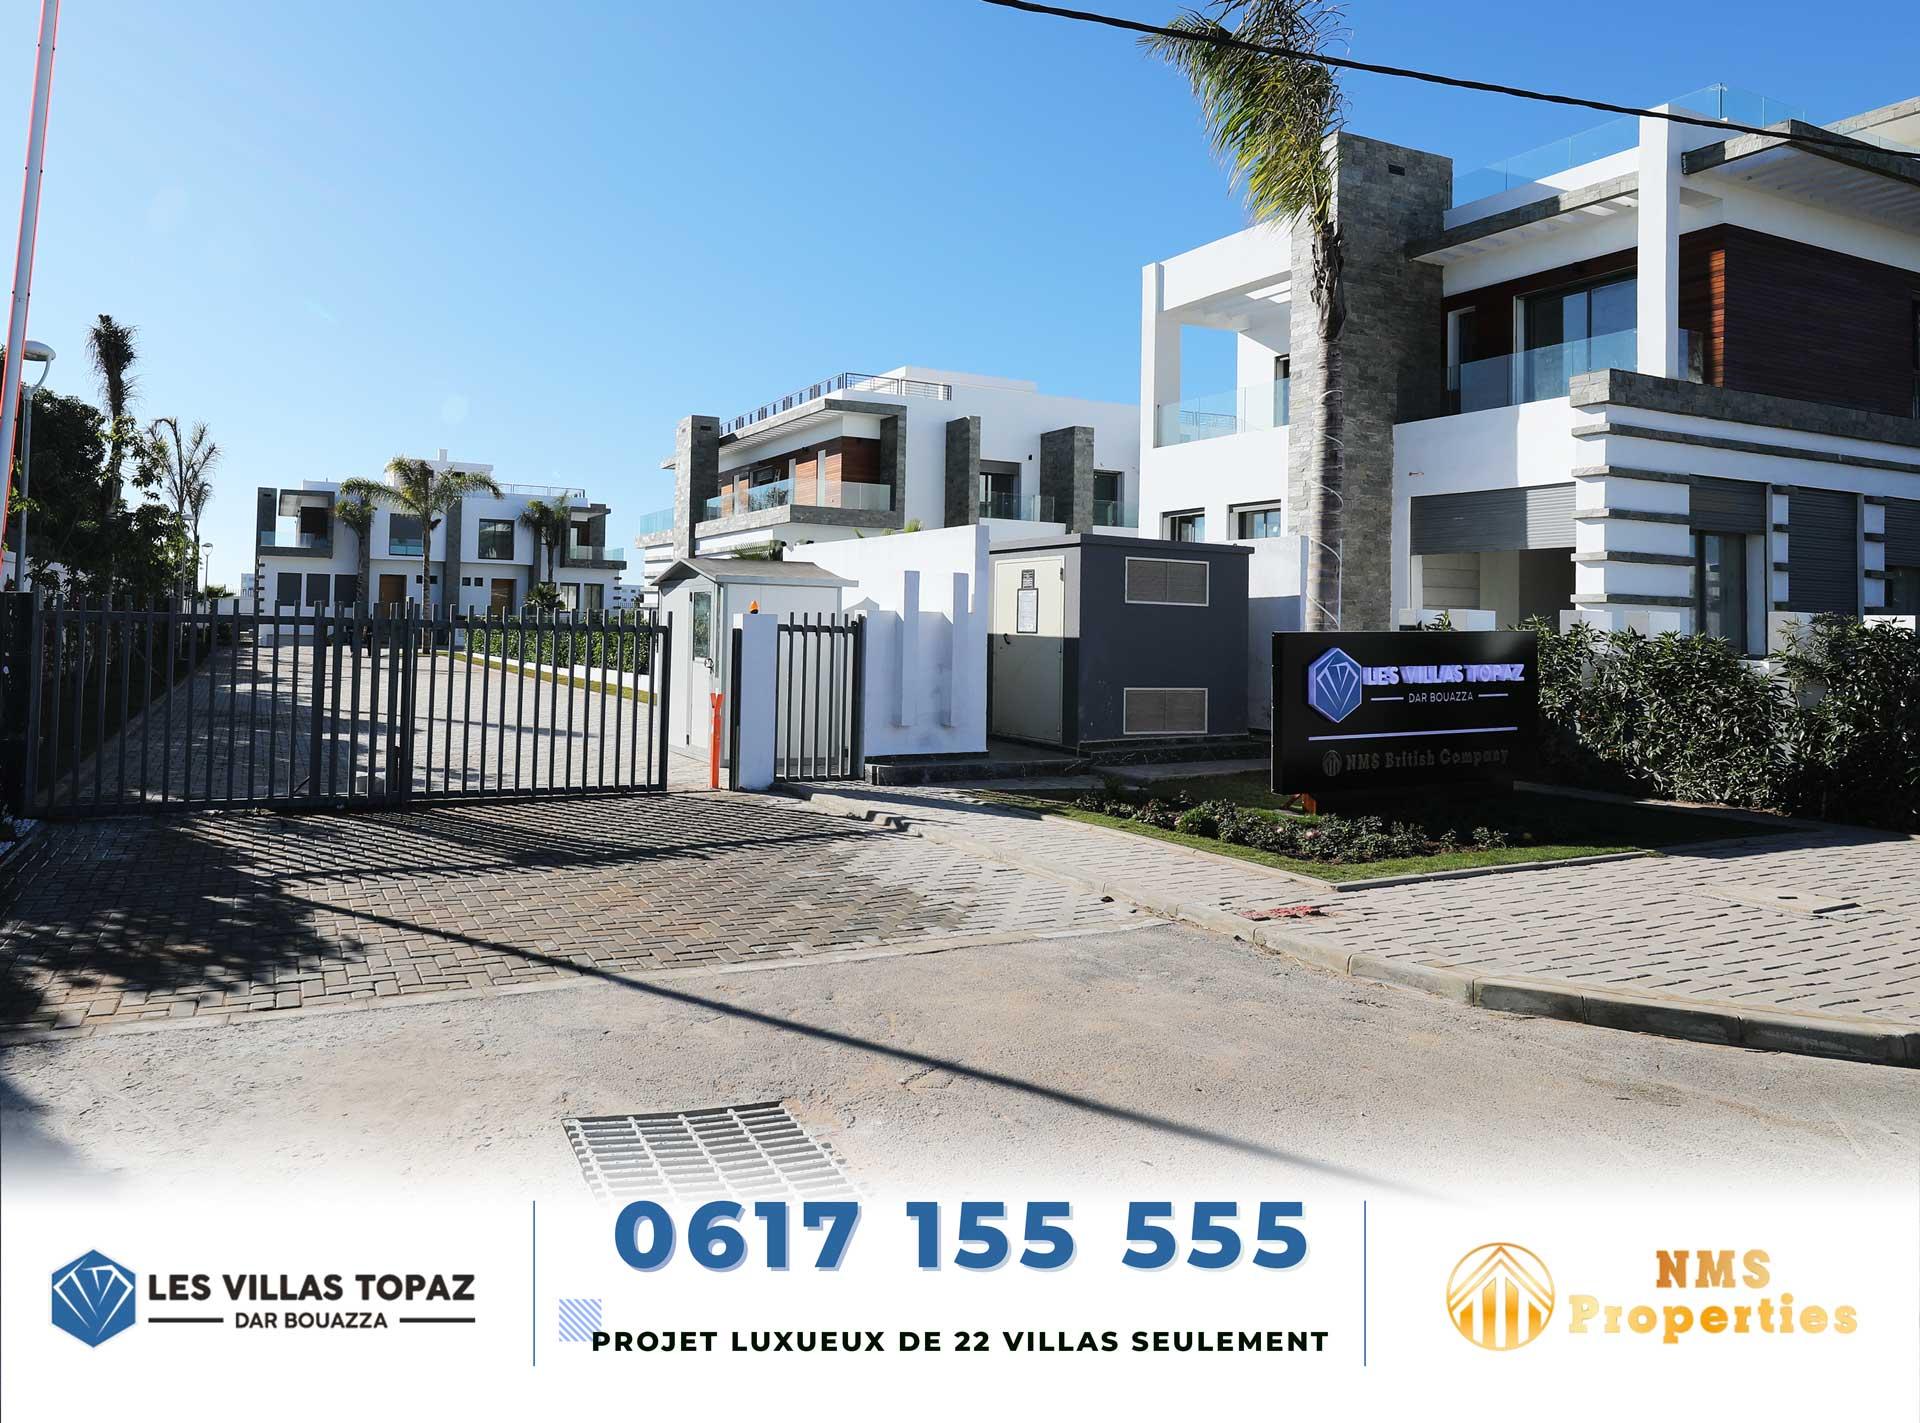 iCom-Agence-de-Communication-au-Maroc-Casablanca-creation-audiovisuelle-et-production-video-nms-villas-topaz2020-05-24 at 3.49.58 PM 20